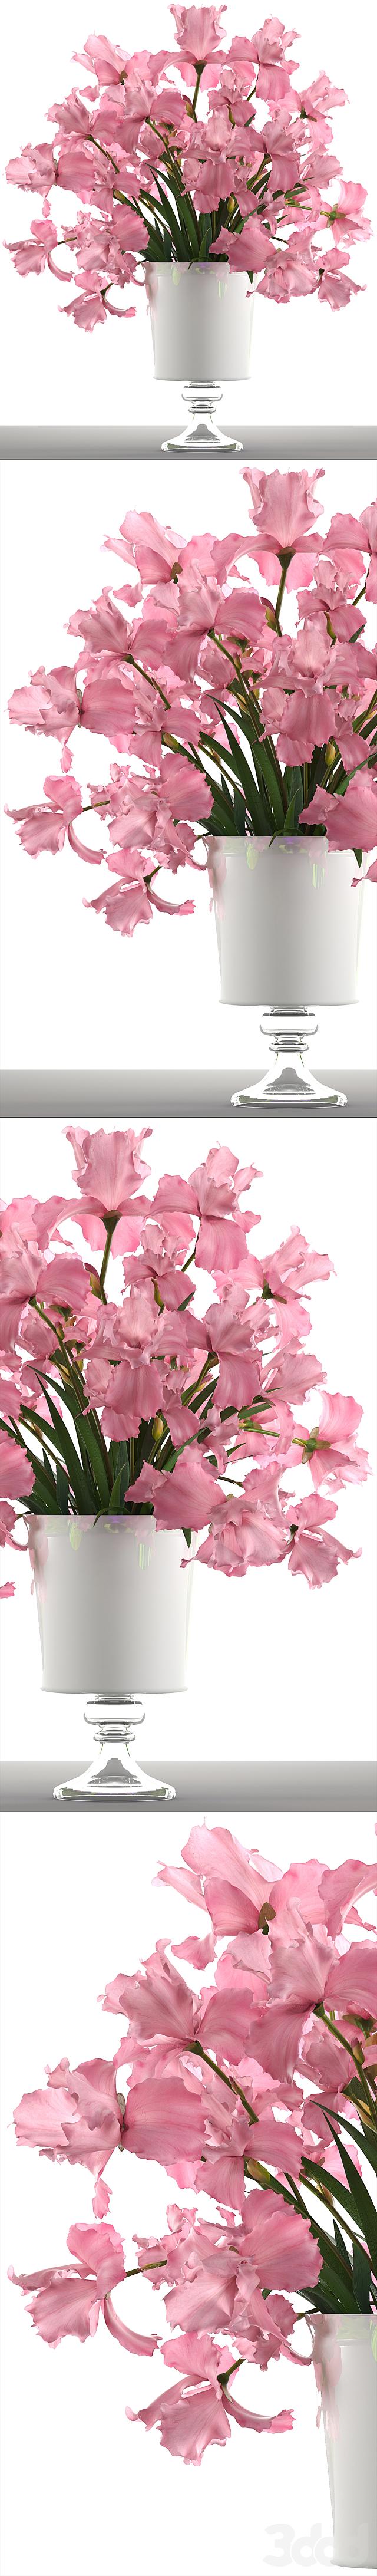 Коллекция цветов 48. Розовые Ирисы.